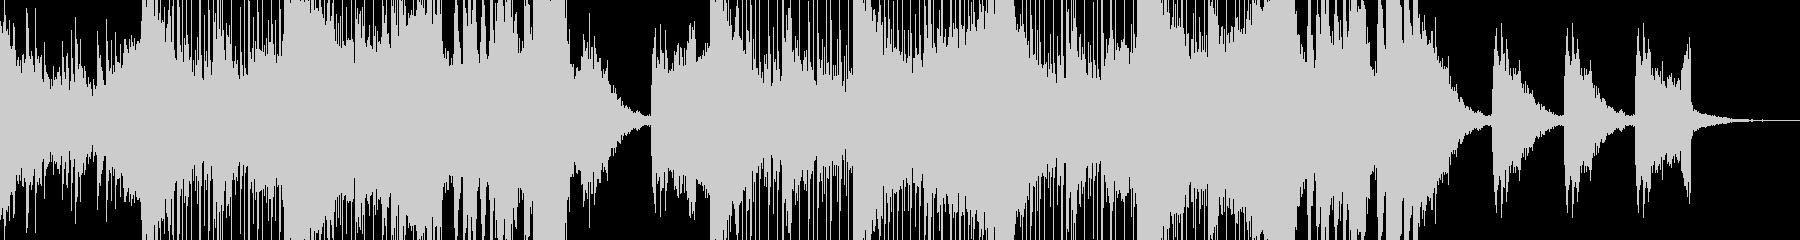 近未来的でダークなエレクトロニカの未再生の波形